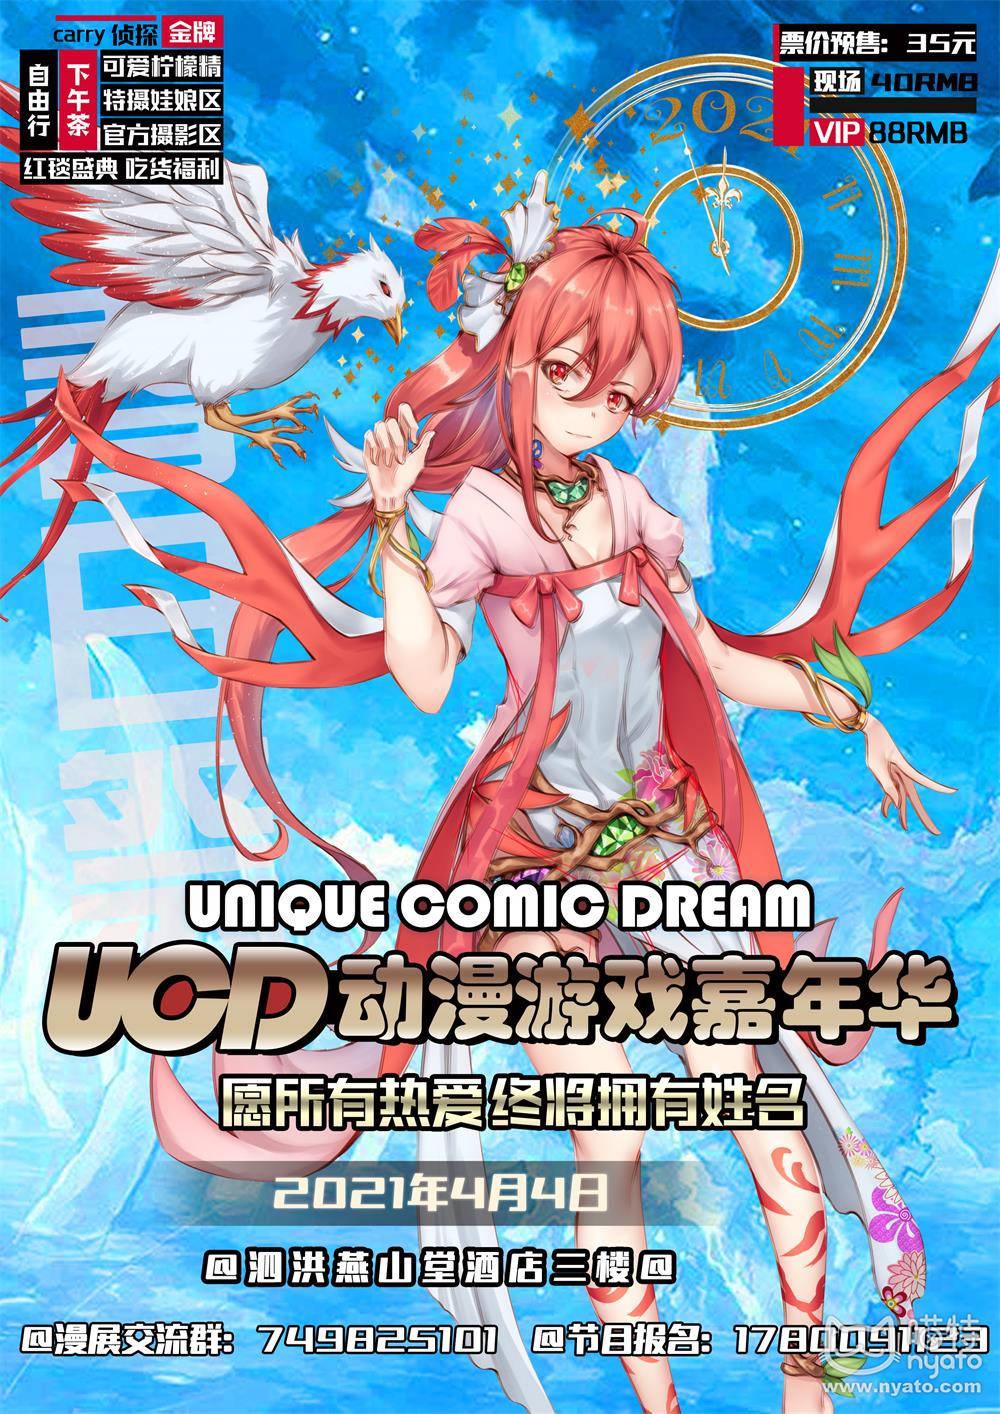 UCD动漫游戏嘉年华 拷贝1.1.jpg